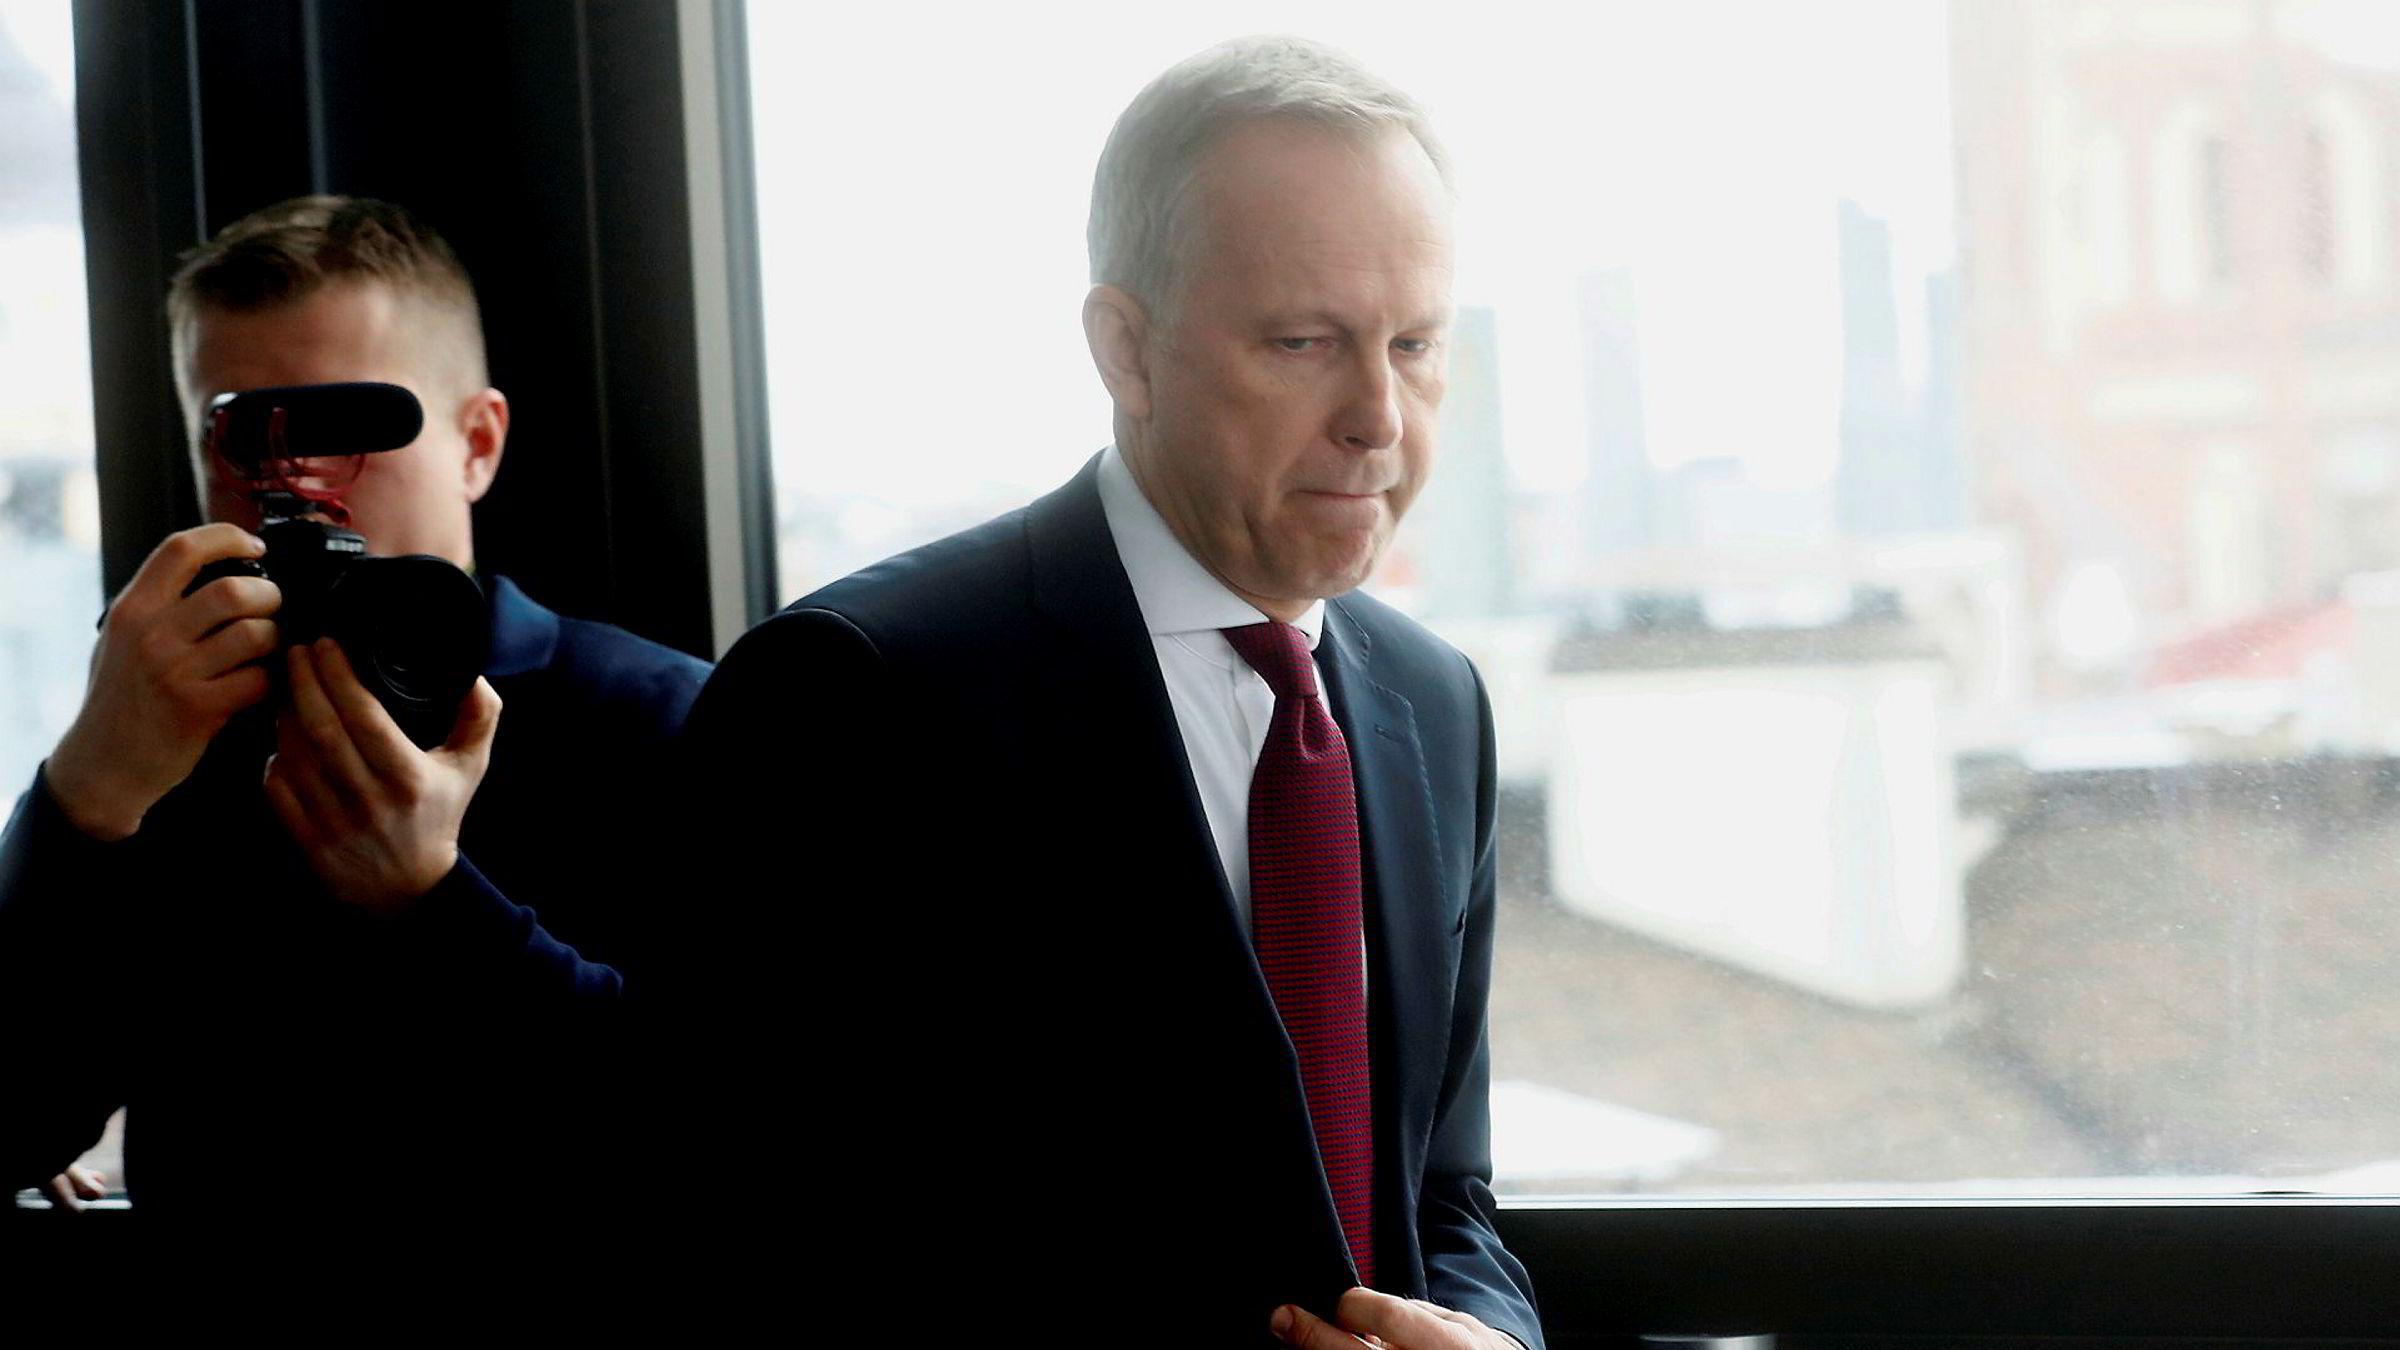 Latvias sentralbanksjef Ilmars Rimsevics er i hardt vær.